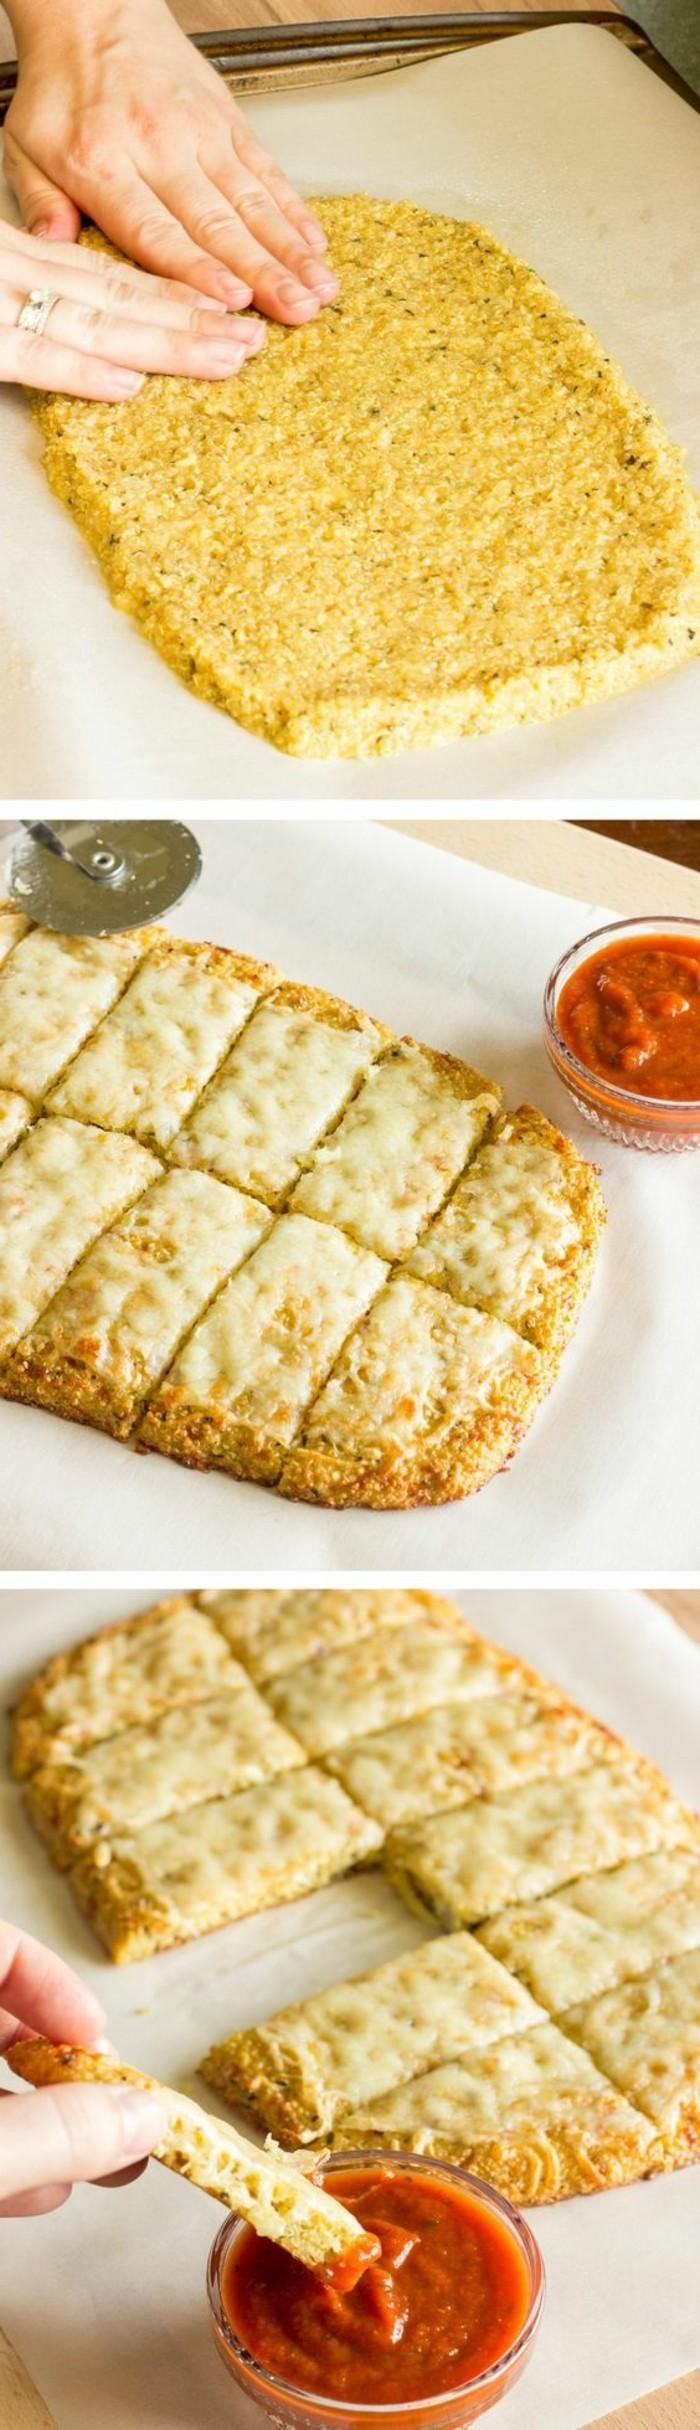 1-quinoa-recette-d-entrée-froide-avec-quinoa-les-meilleurs-recettes-entrees-froides